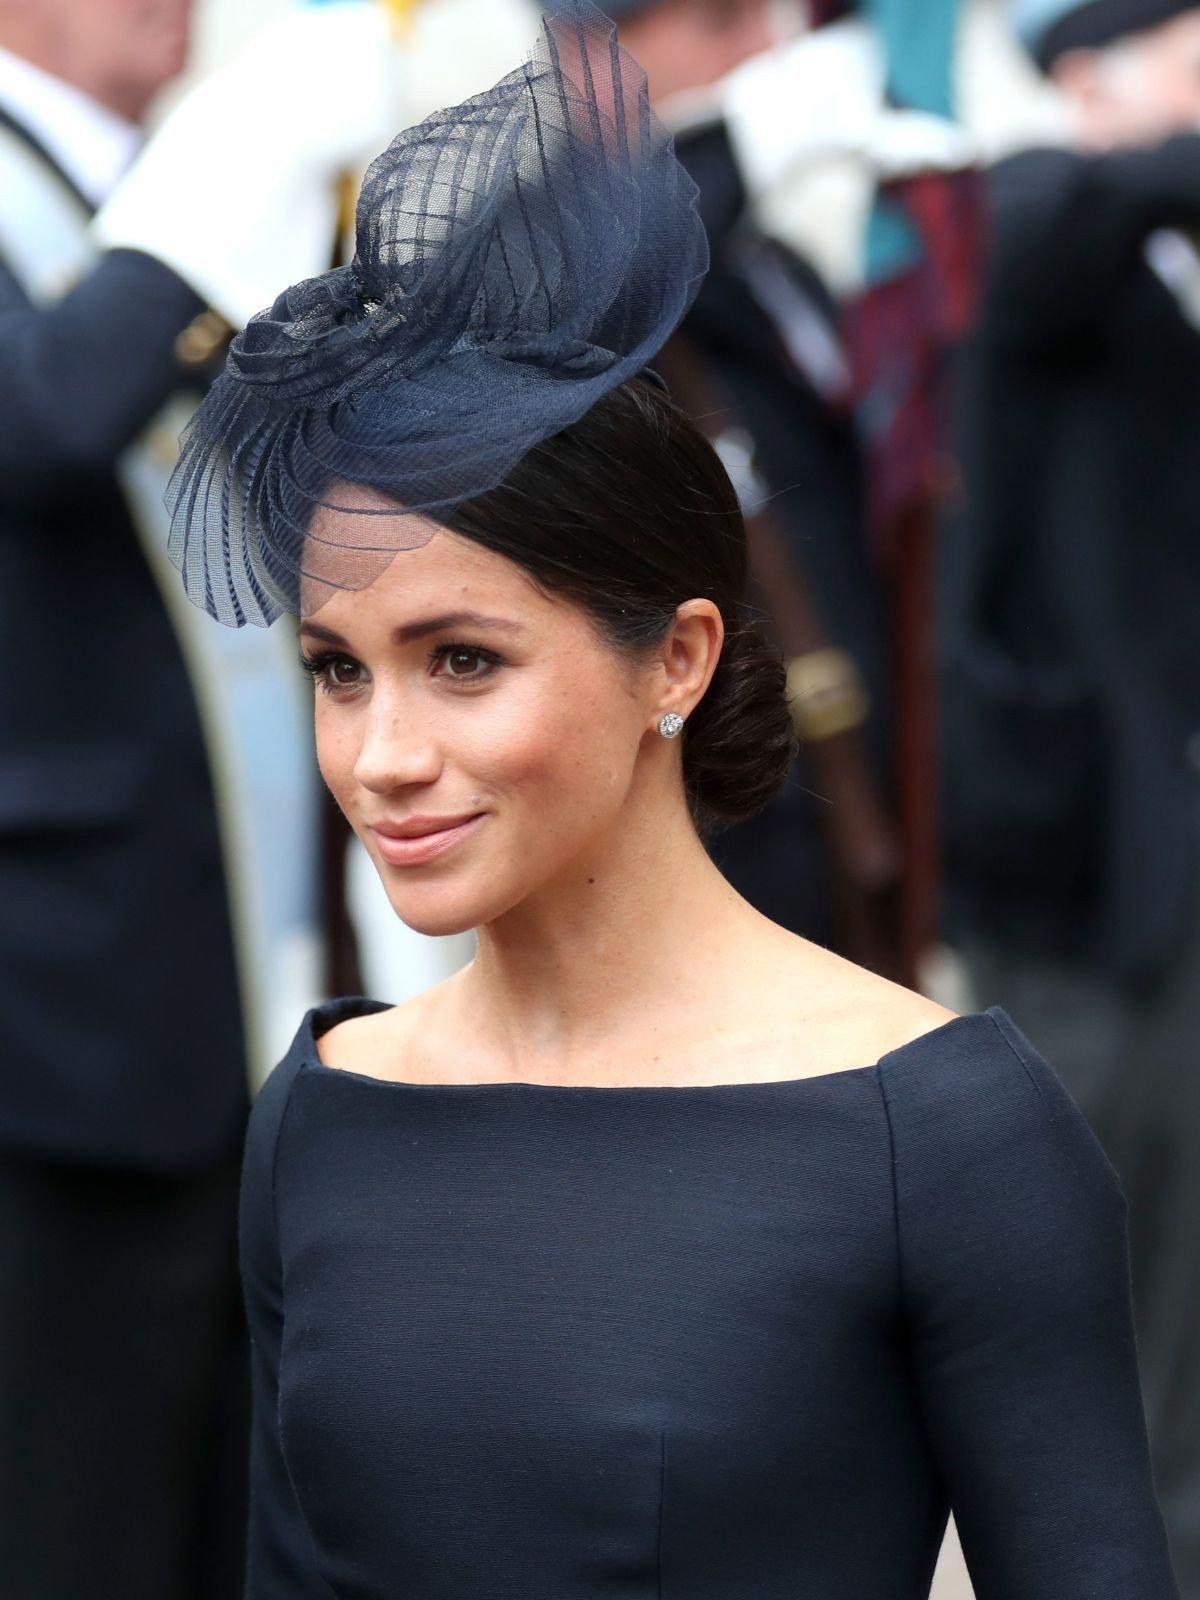 Ít ai biết rằng sau đám cưới, Hoàng tử Harry đã liên tục nói điều này với chuyên gia trang điểm của Meghan Markle 4